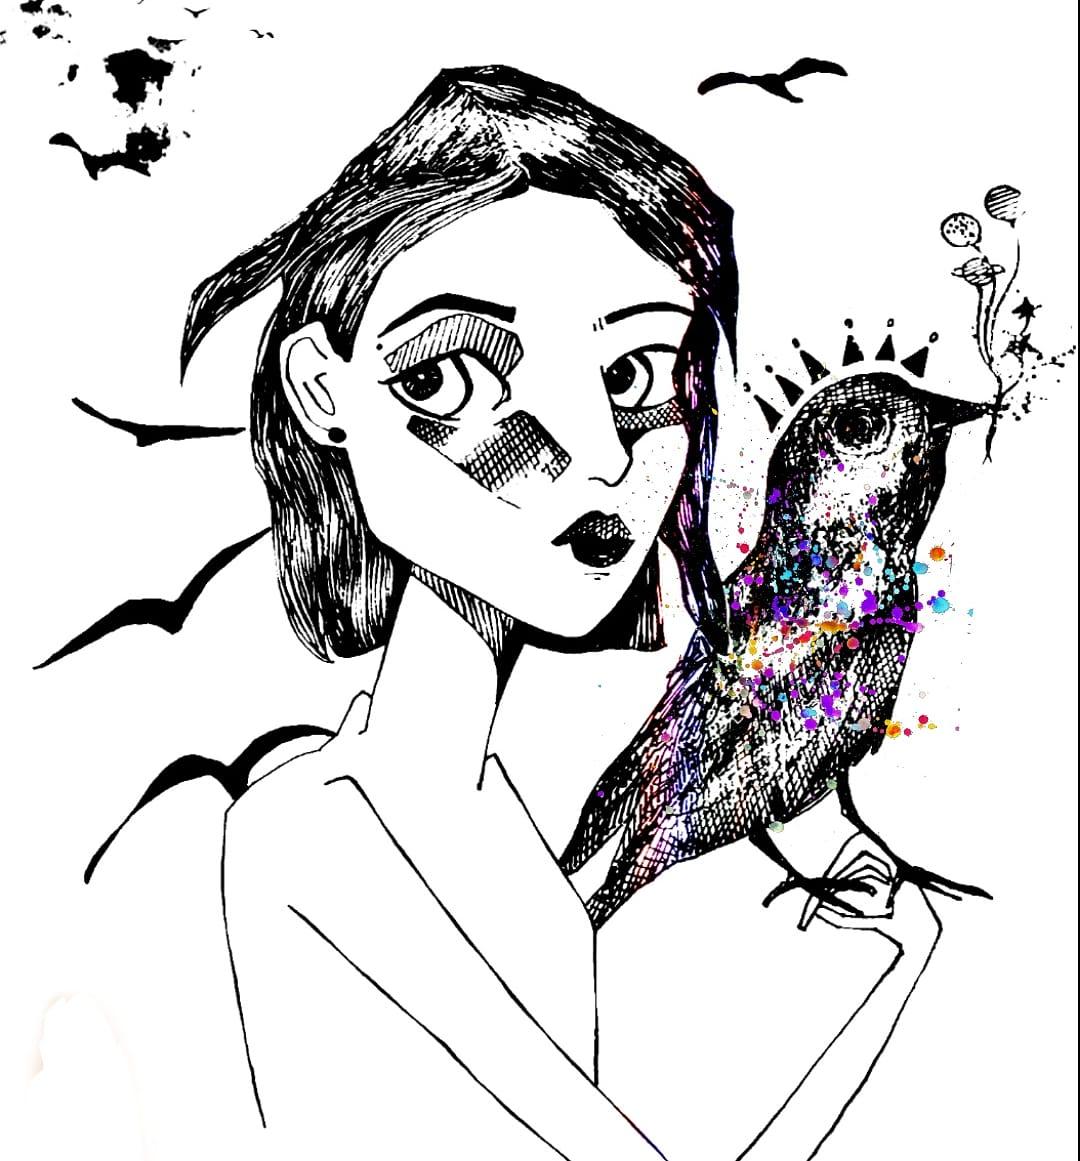 End Bird